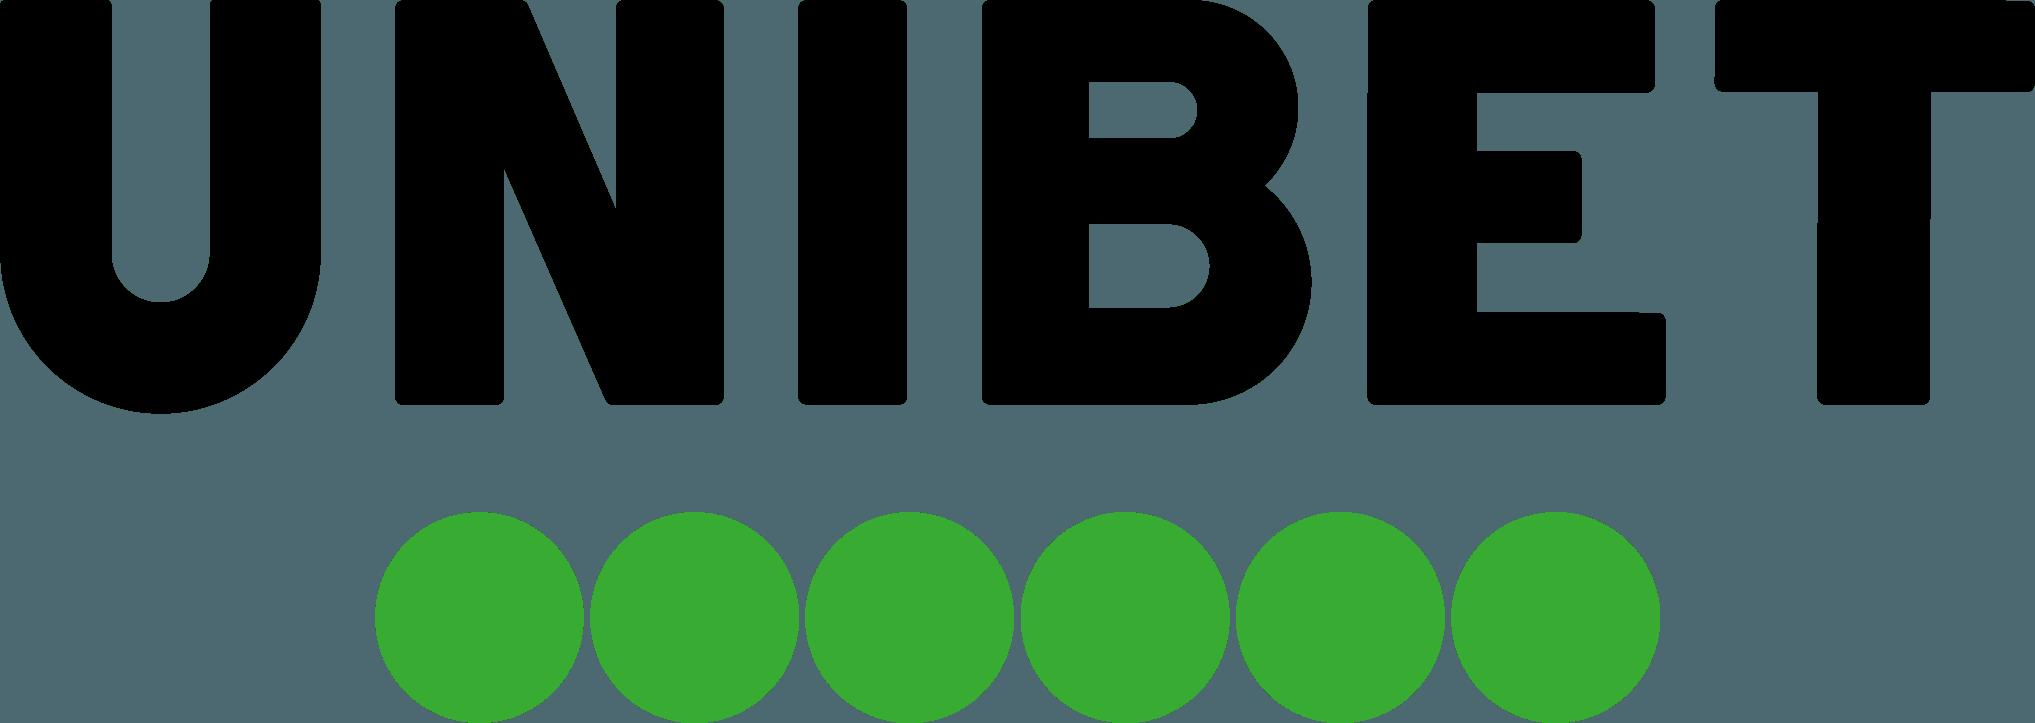 Unibet-Logo-white